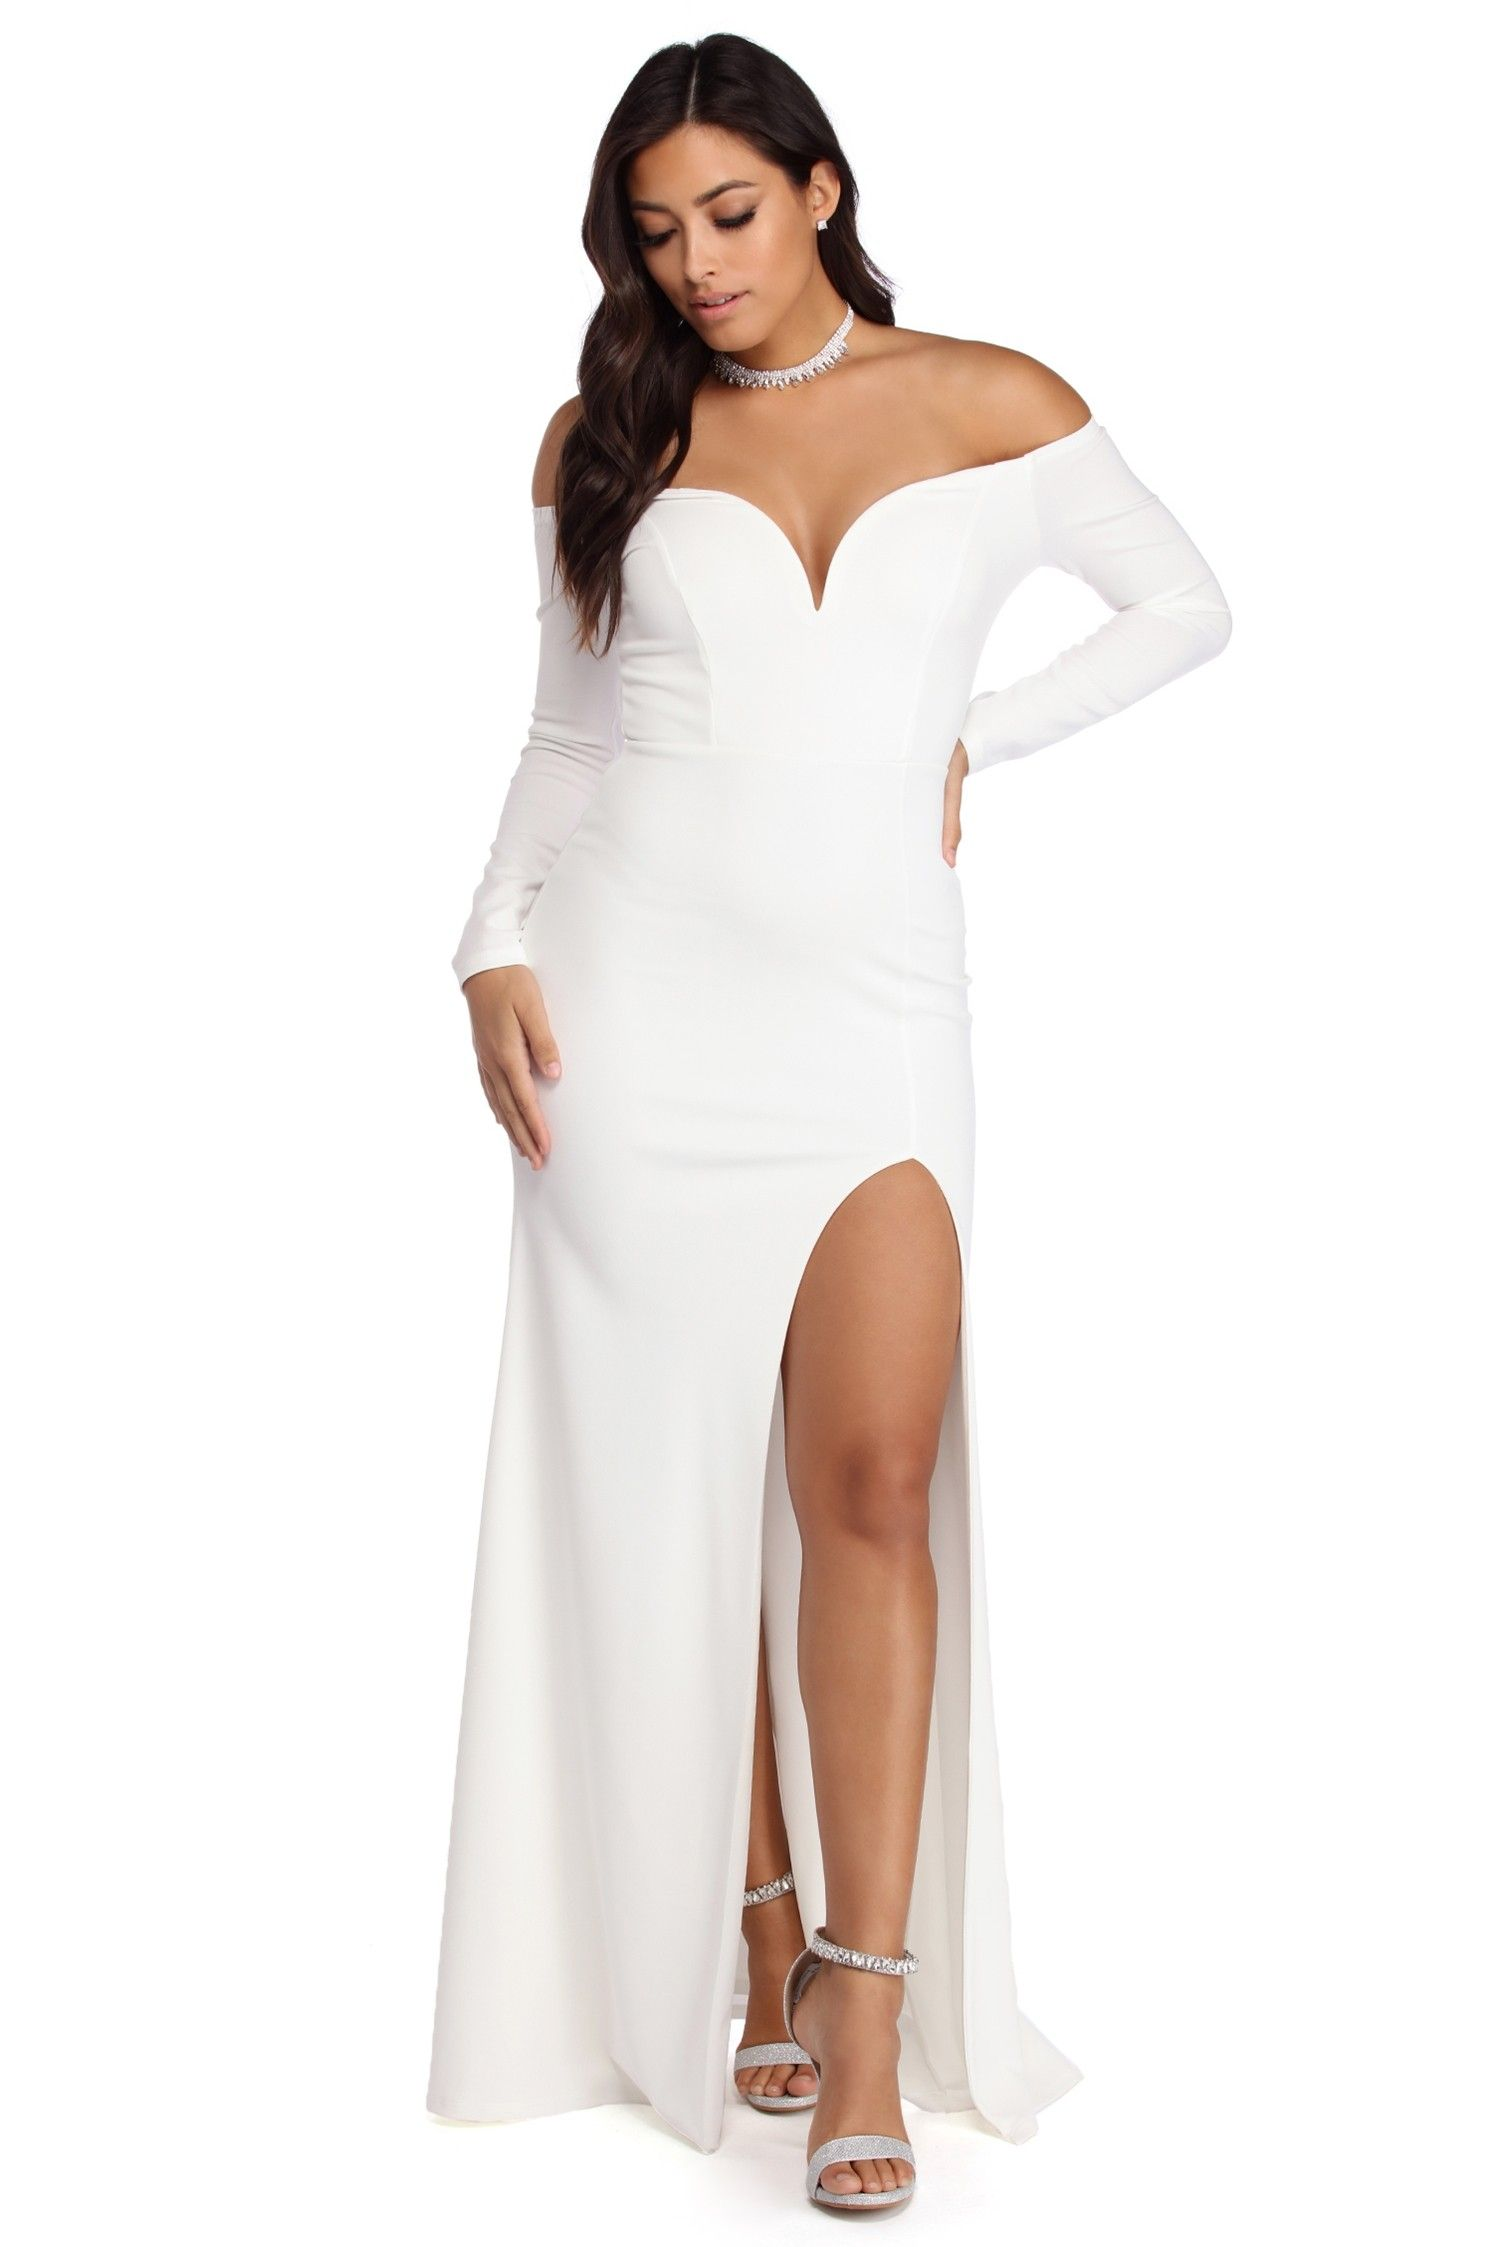 383b909da54741 Angeline Plunging Off The Shoulder Dress